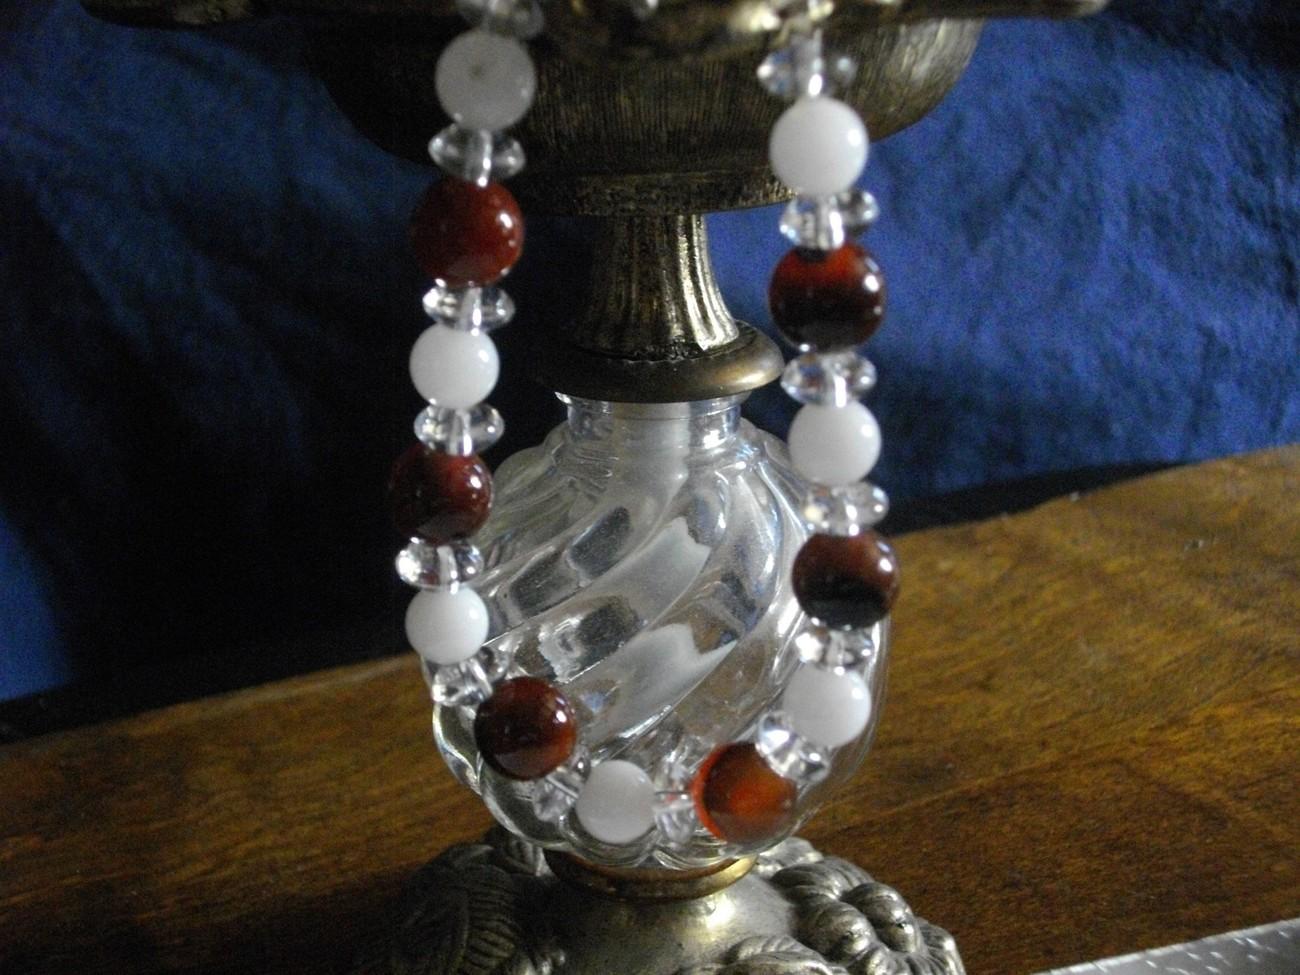 A-60 Red agate, Snow quartz, and Crystal Quartz Bracelet